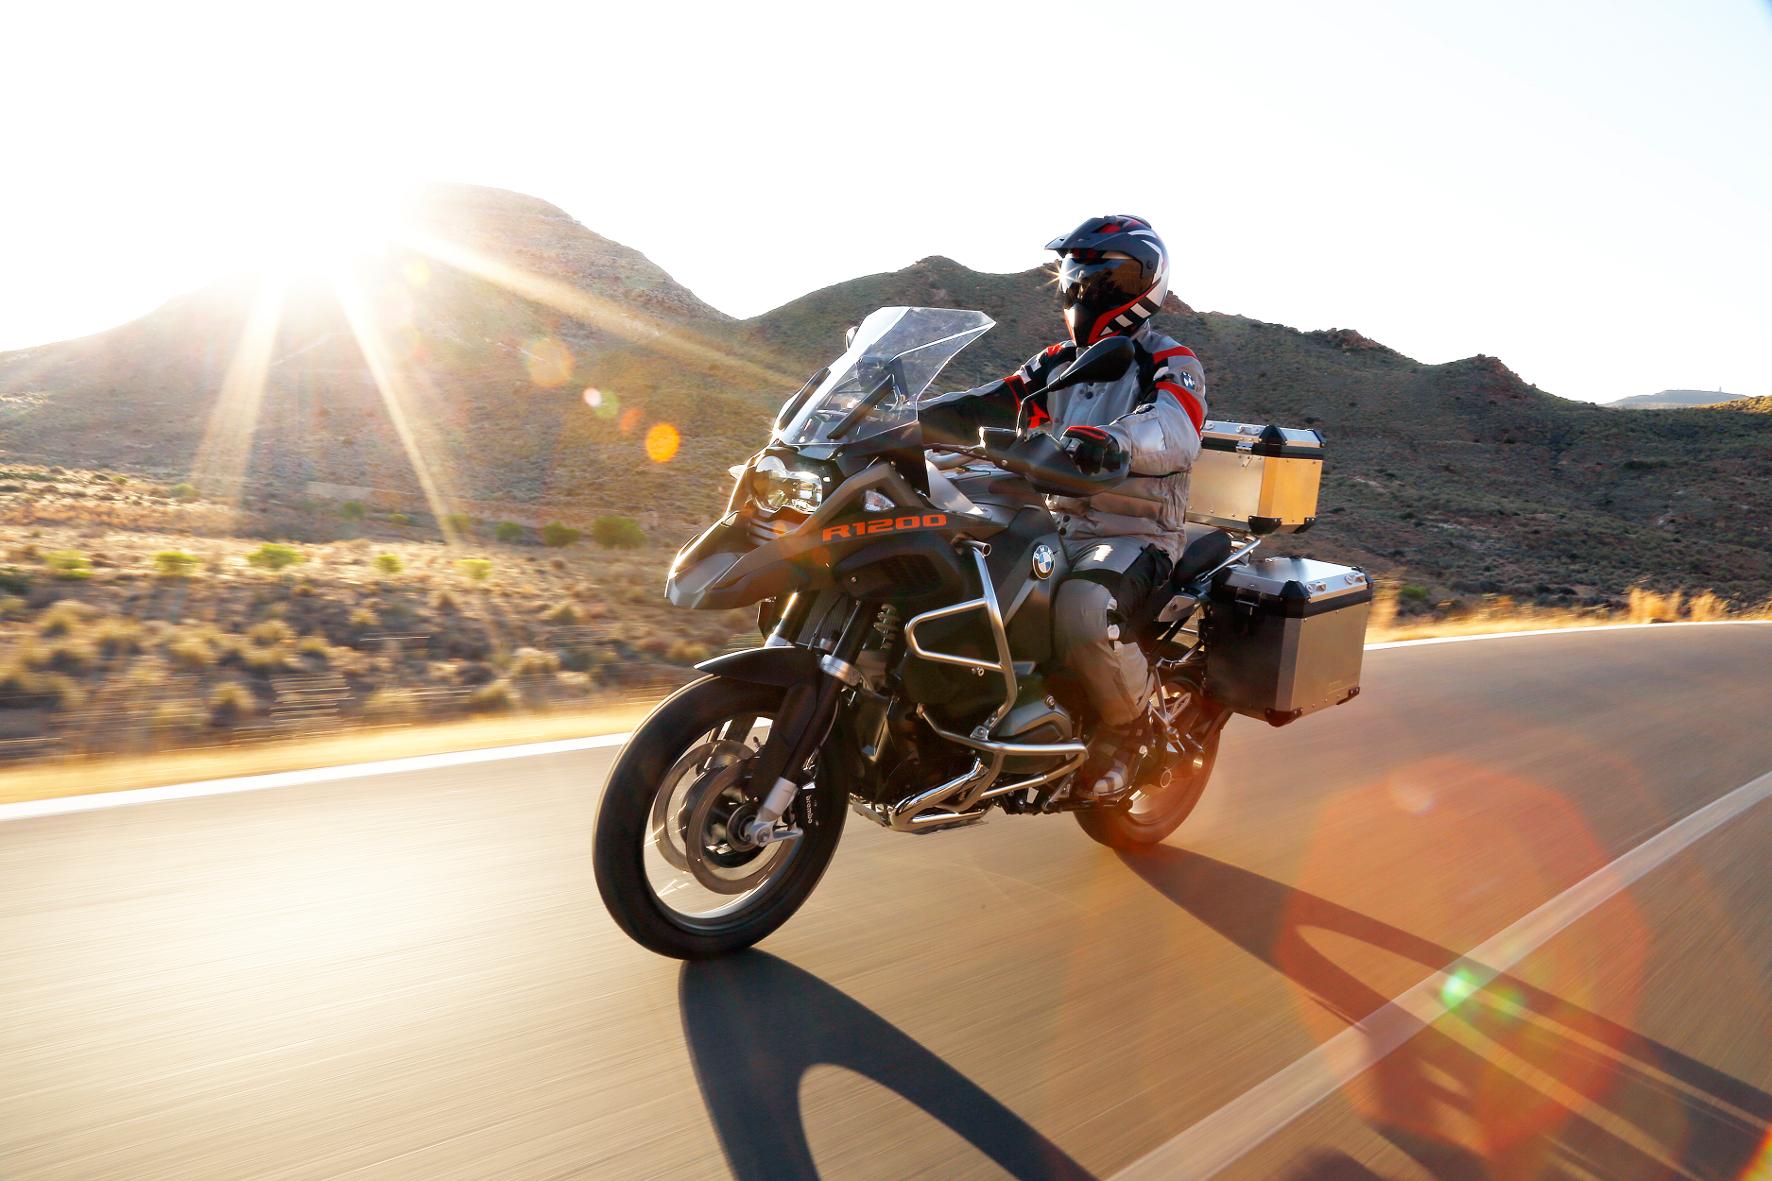 mid Ötztal/Timmelsjoch - Ein wahrer Koloss in der Motorrad-Szene: die BMW R 1200 GS Adventure.